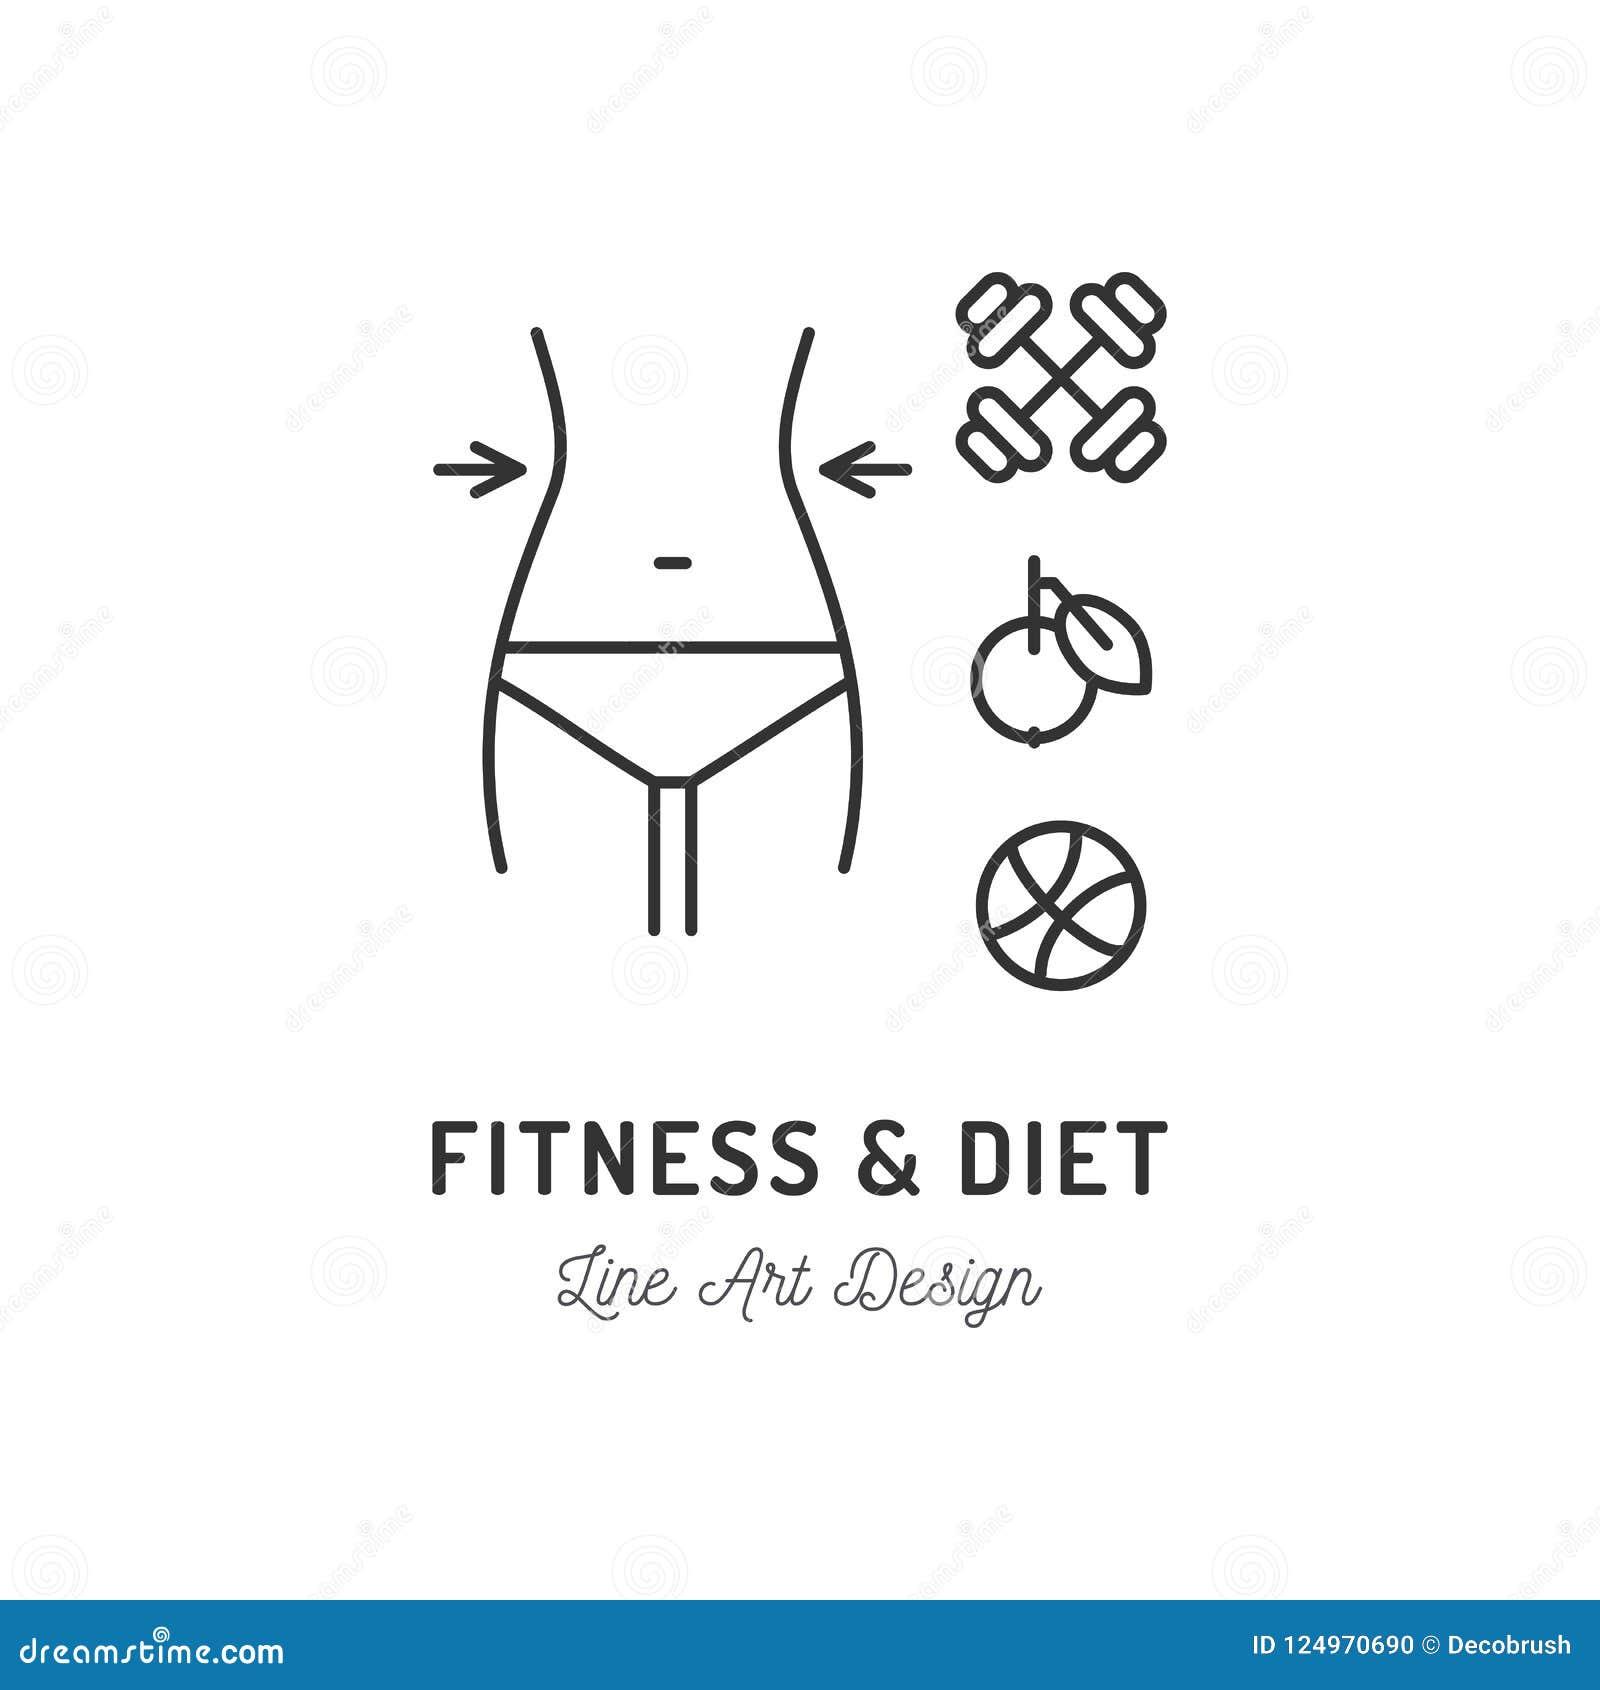 Женщина идеально стройное тело. Диета, здоровый образ жизни.